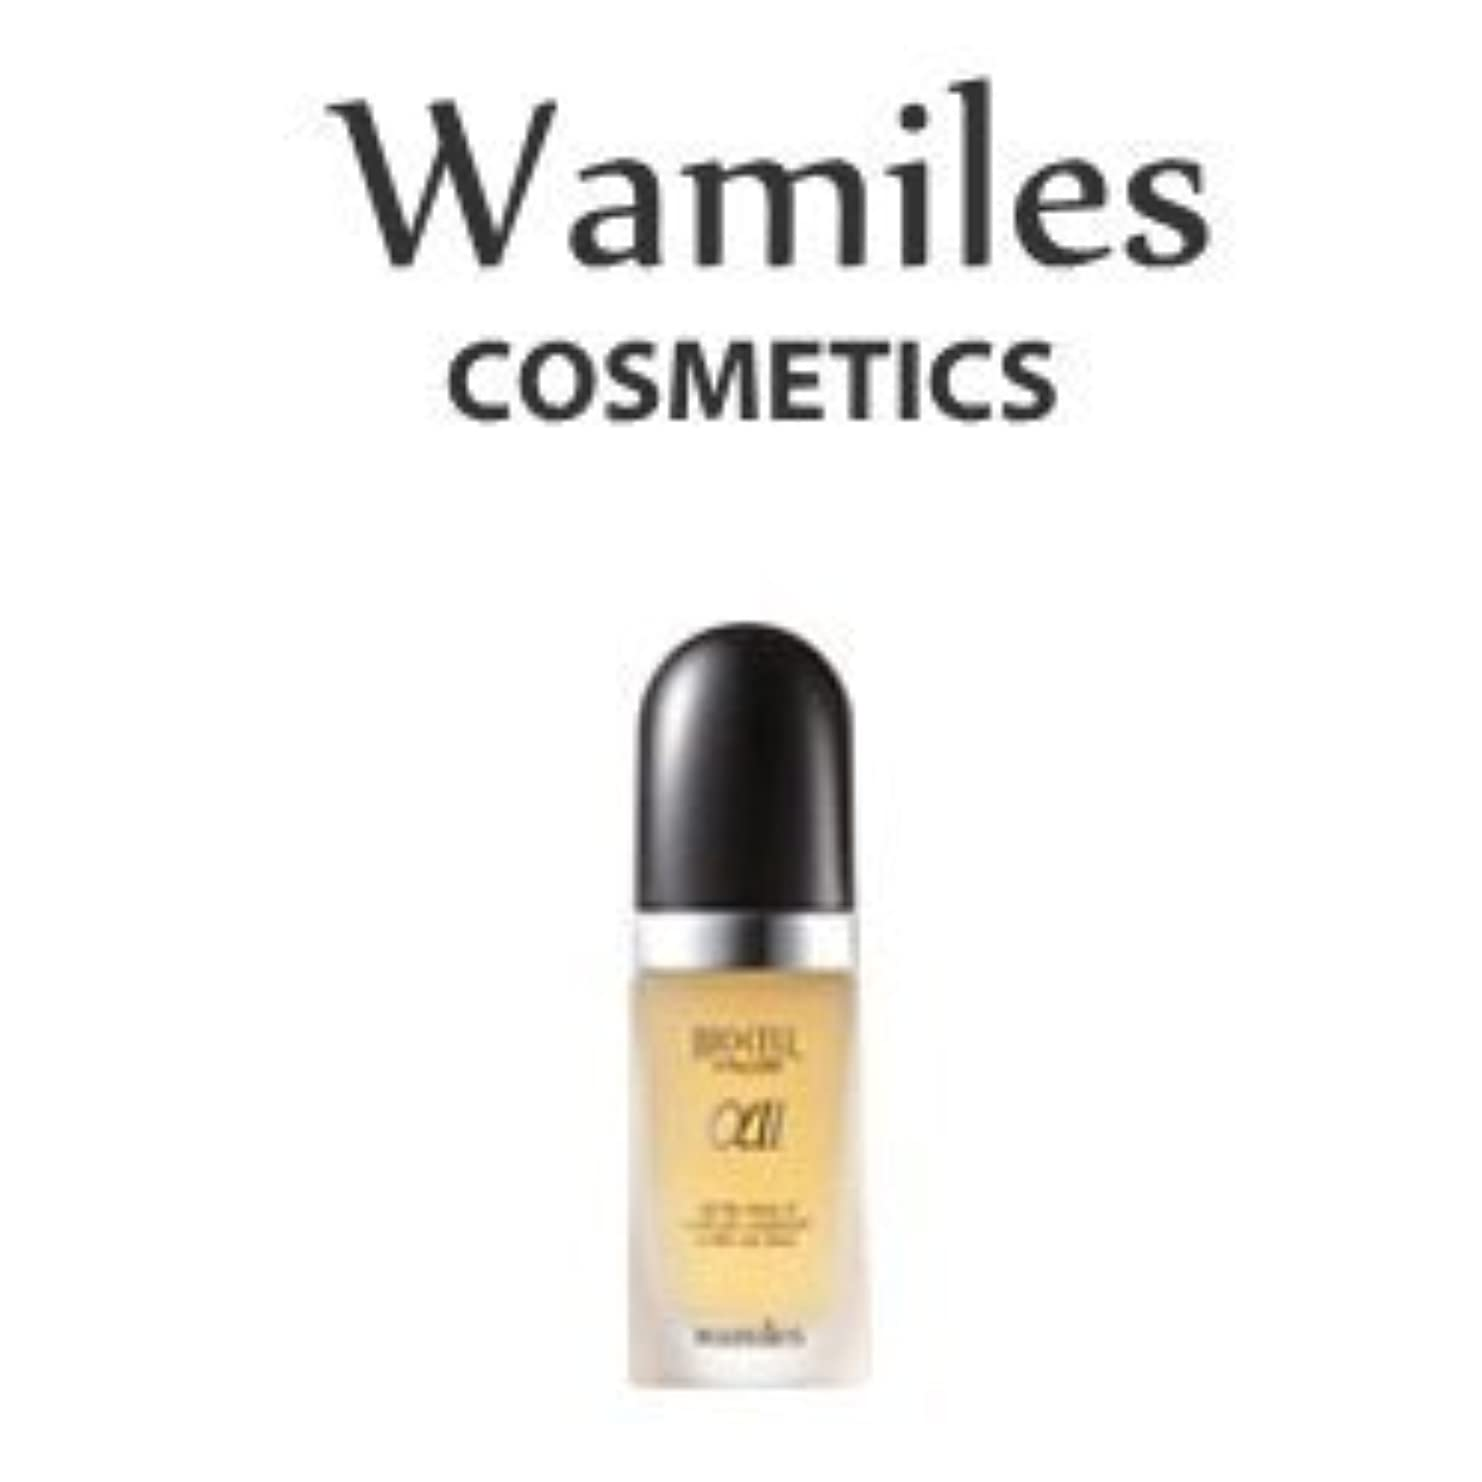 混乱実行洗練されたwamiles/ワミレス ビオセル バイタライザーα2 38ml 美容 化粧水